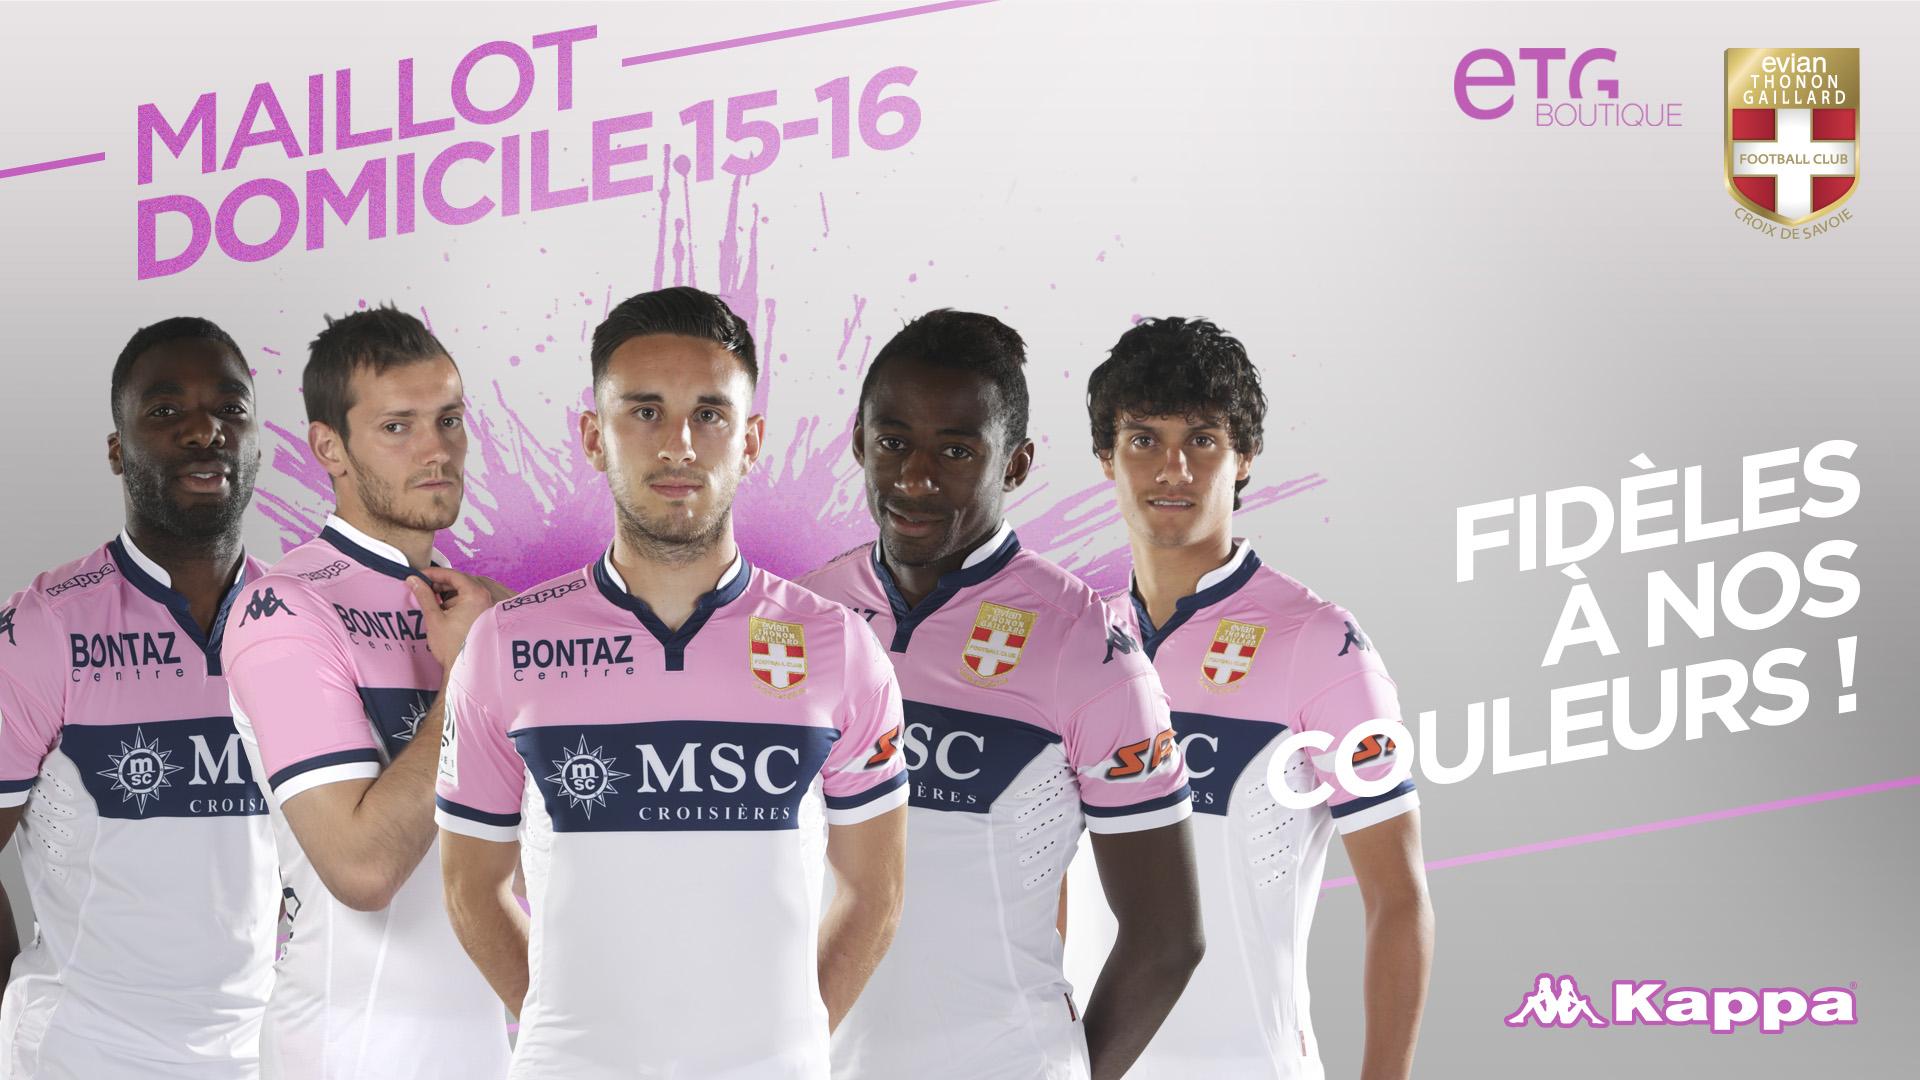 Le maillot 2015-2016 de l'EVIAN THONON GAILLARD FC